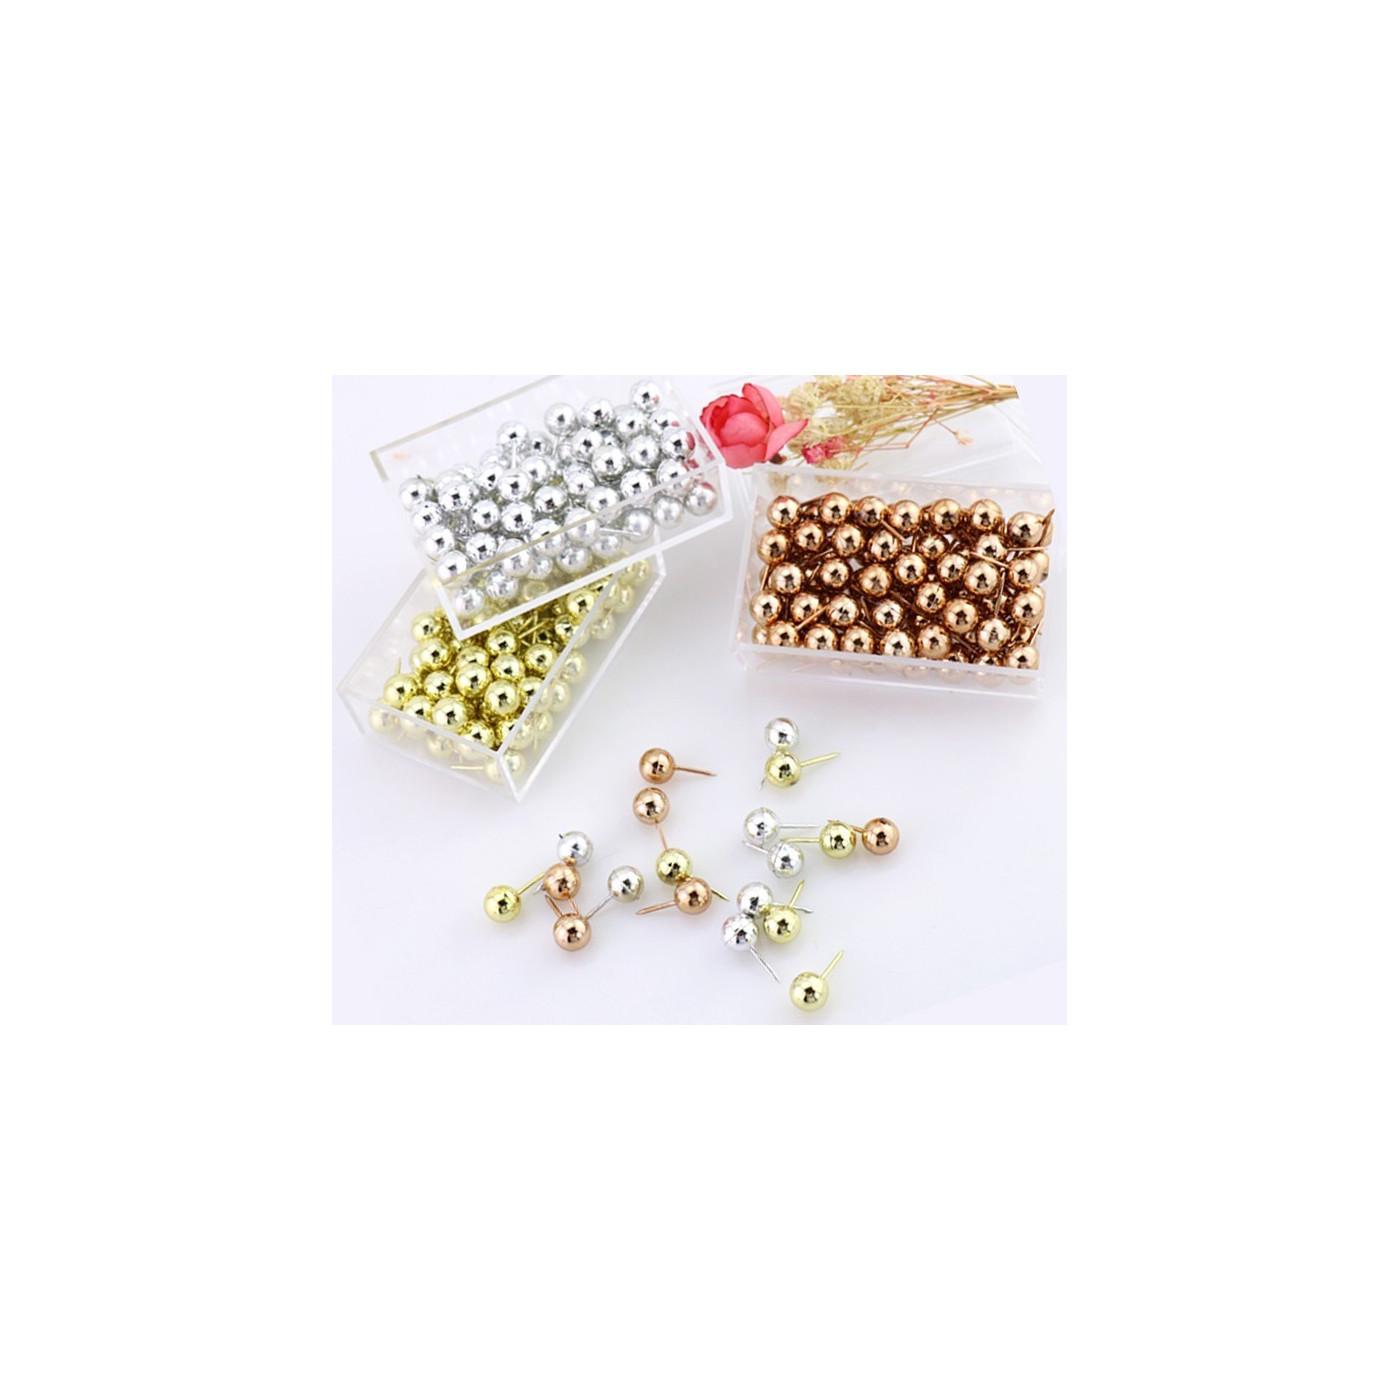 Set von 300 Punaisen, silber, gold und rotgold, in Box